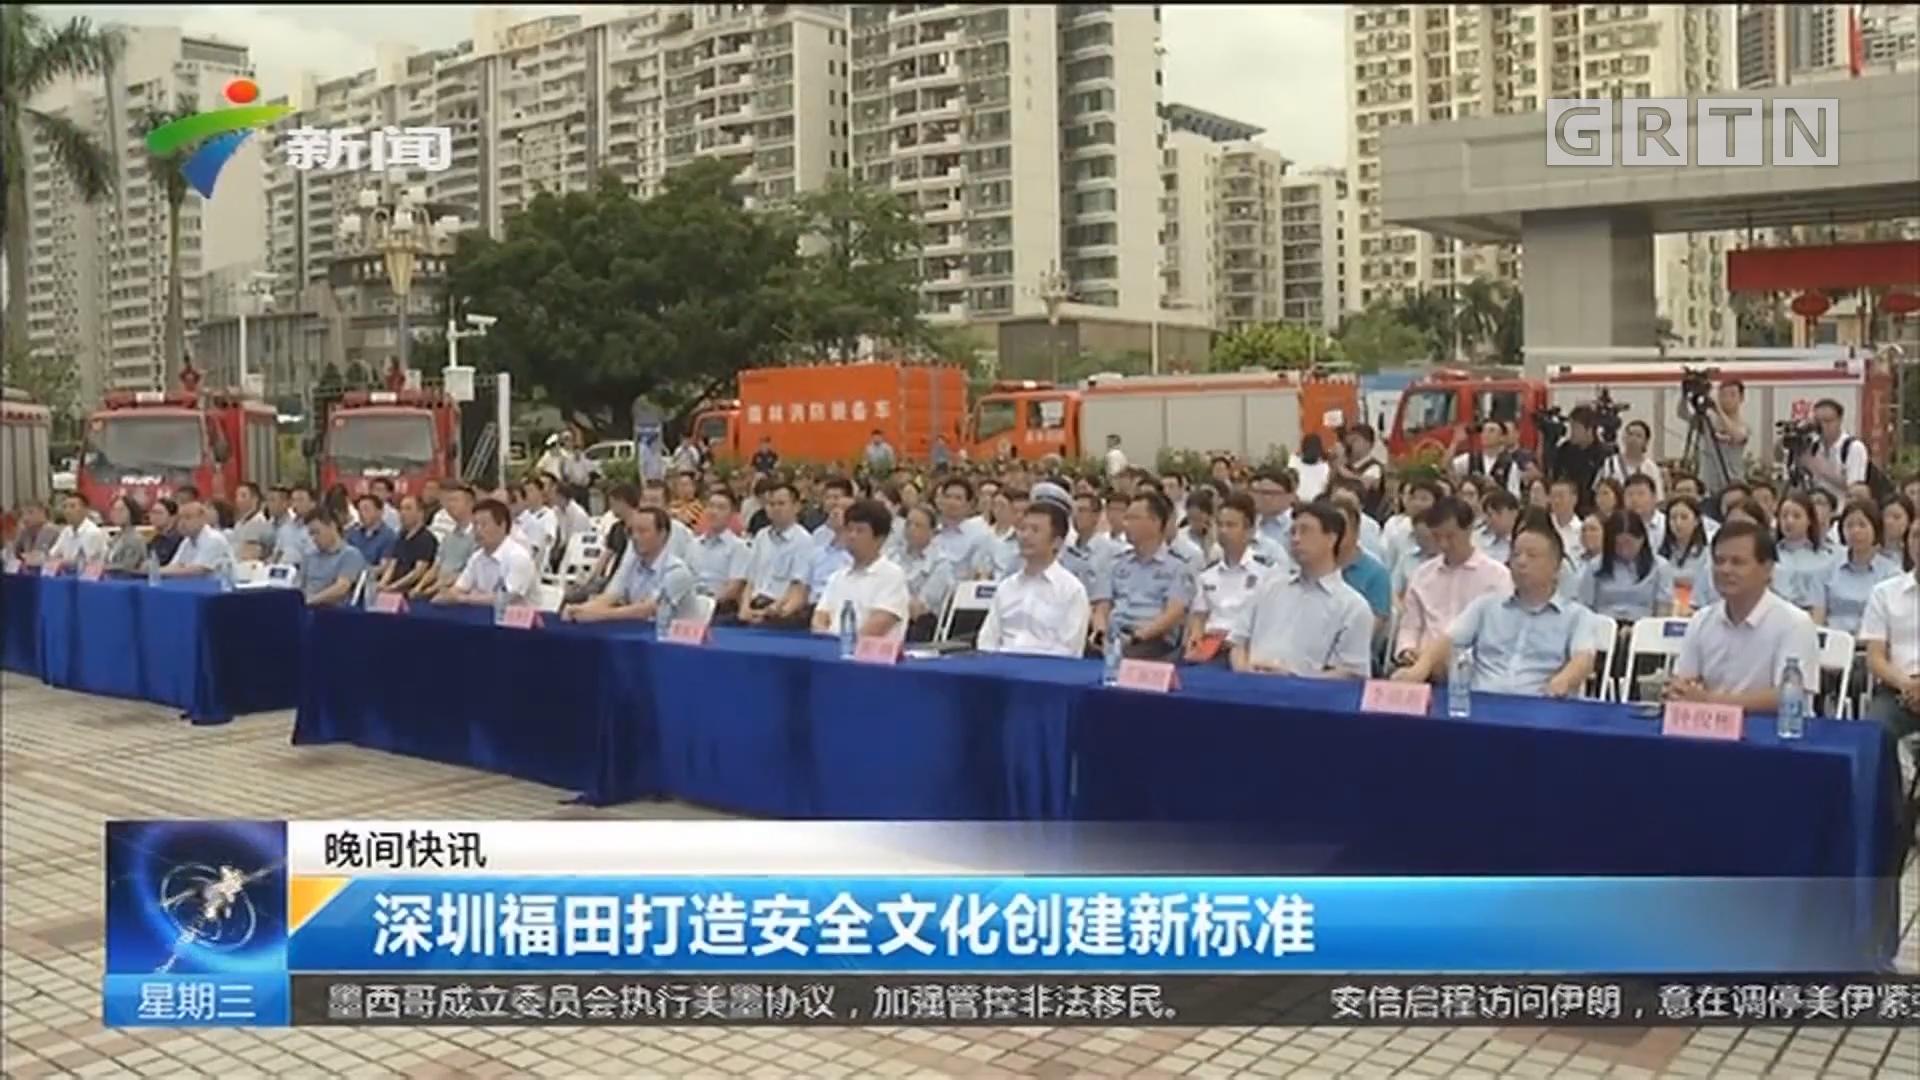 深圳福田打造安全文化创建新标准